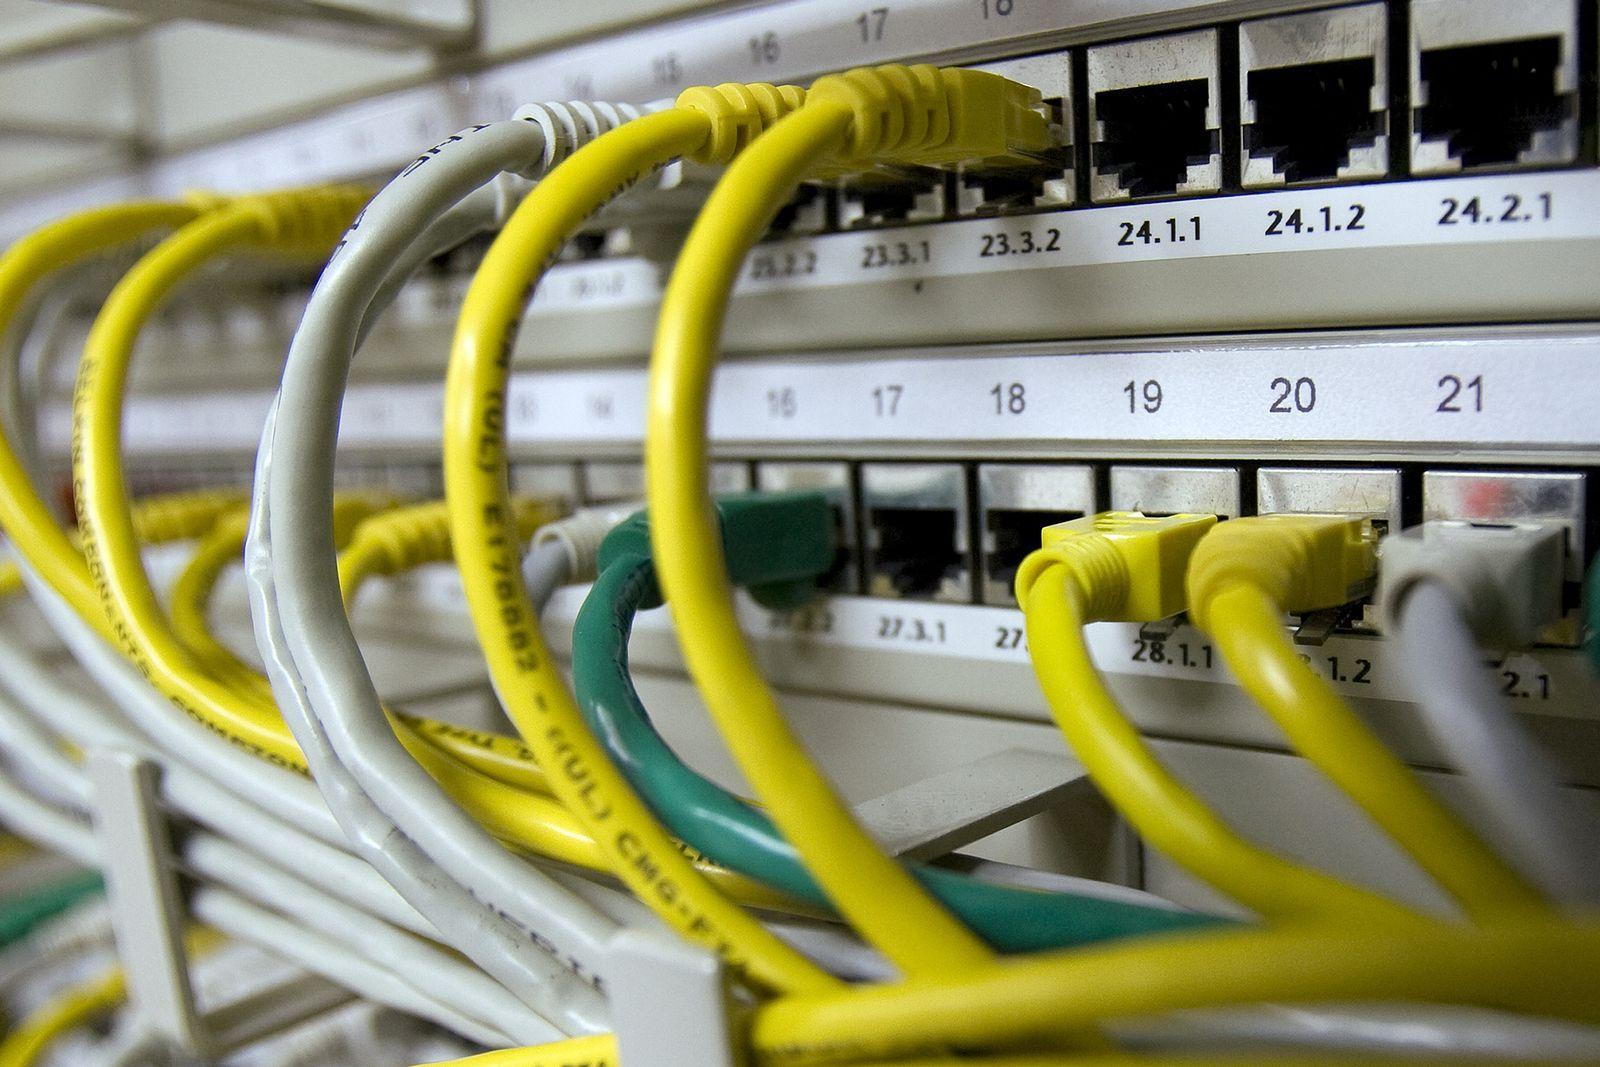 Netzwerkkabel/ Vorratsdatenspeicherung